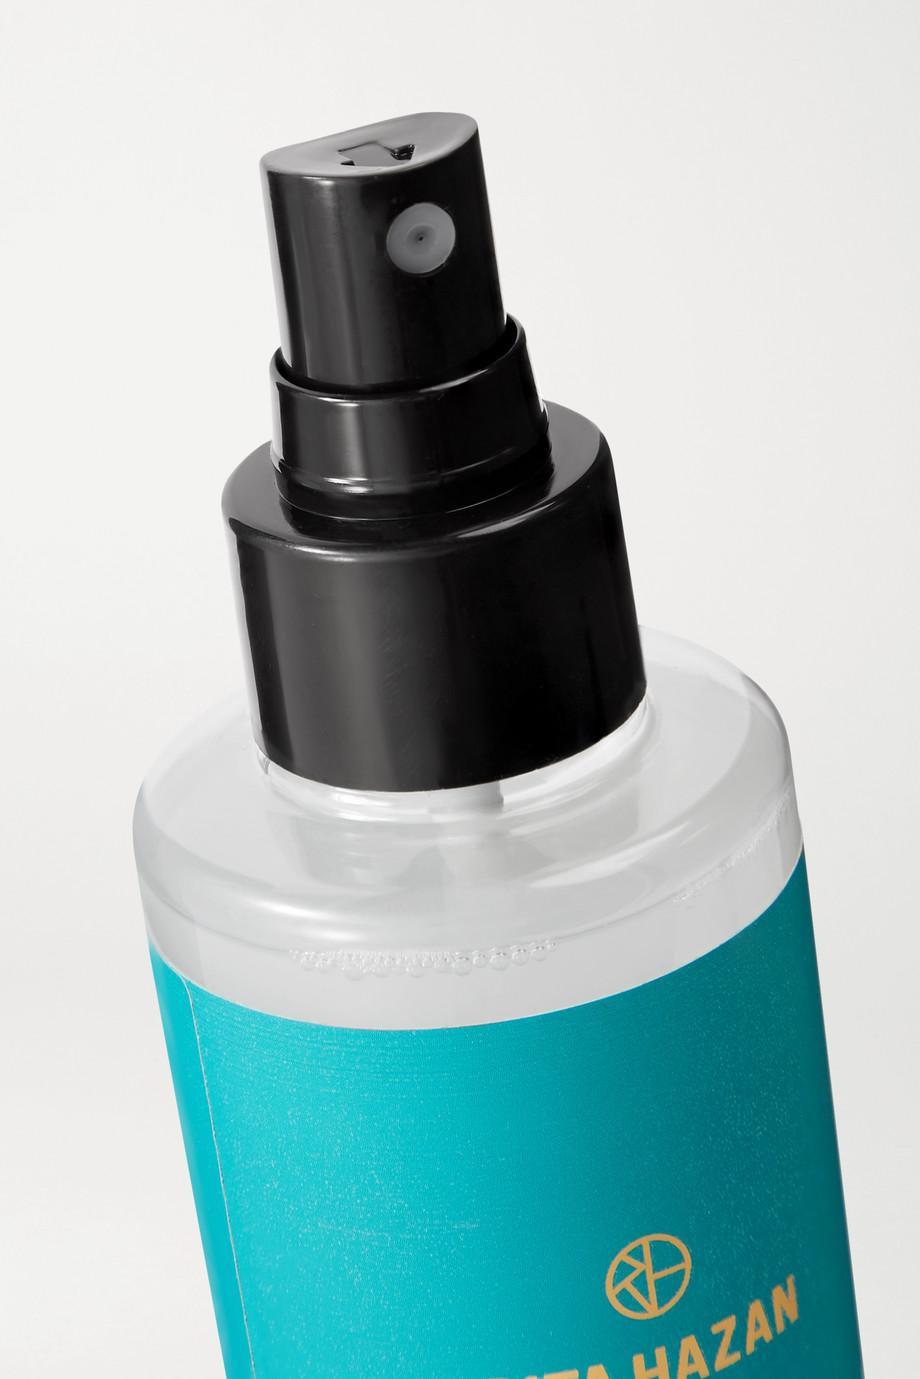 Rita Hazan Lifting Spray, 150ml